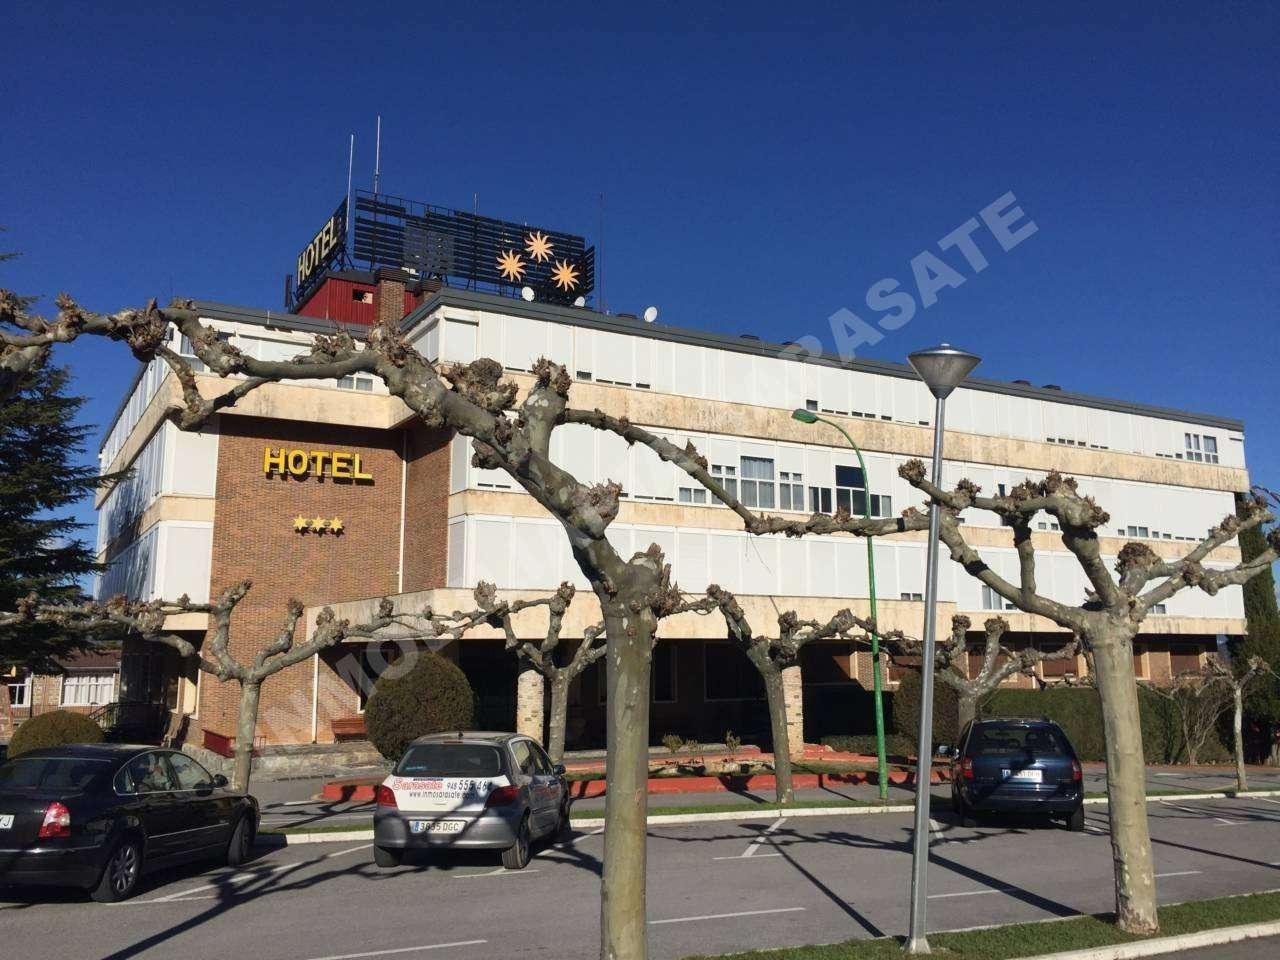 VENTA DE APARTAMENTO EN HOTEL, AYEGUI – AIEGI | REF. (002445)